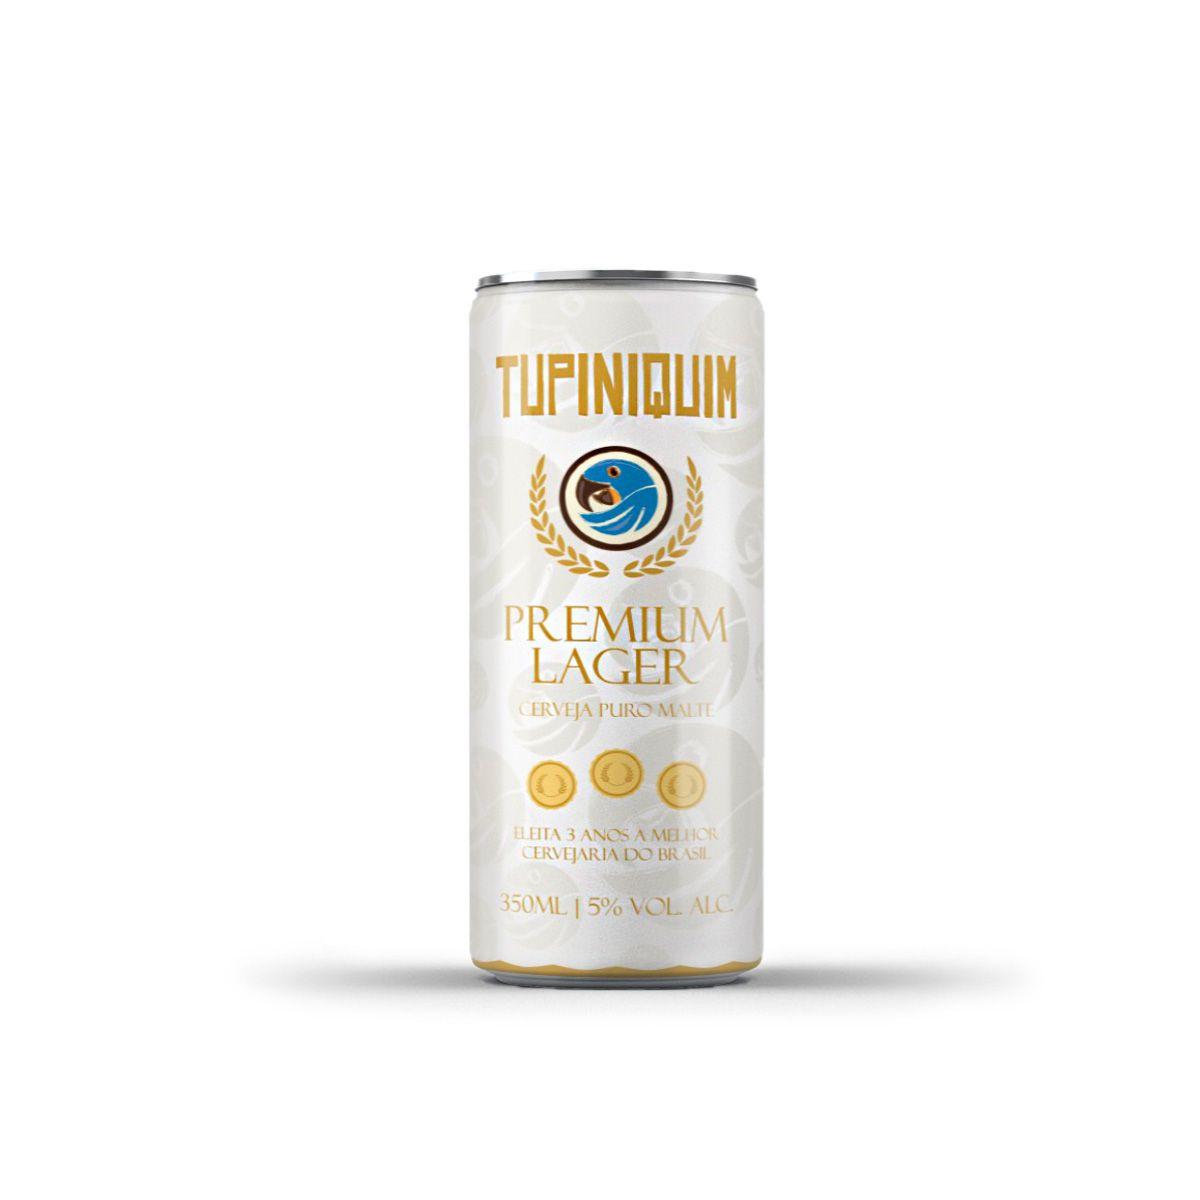 Tupiniquim Premium Lager 350ml lata